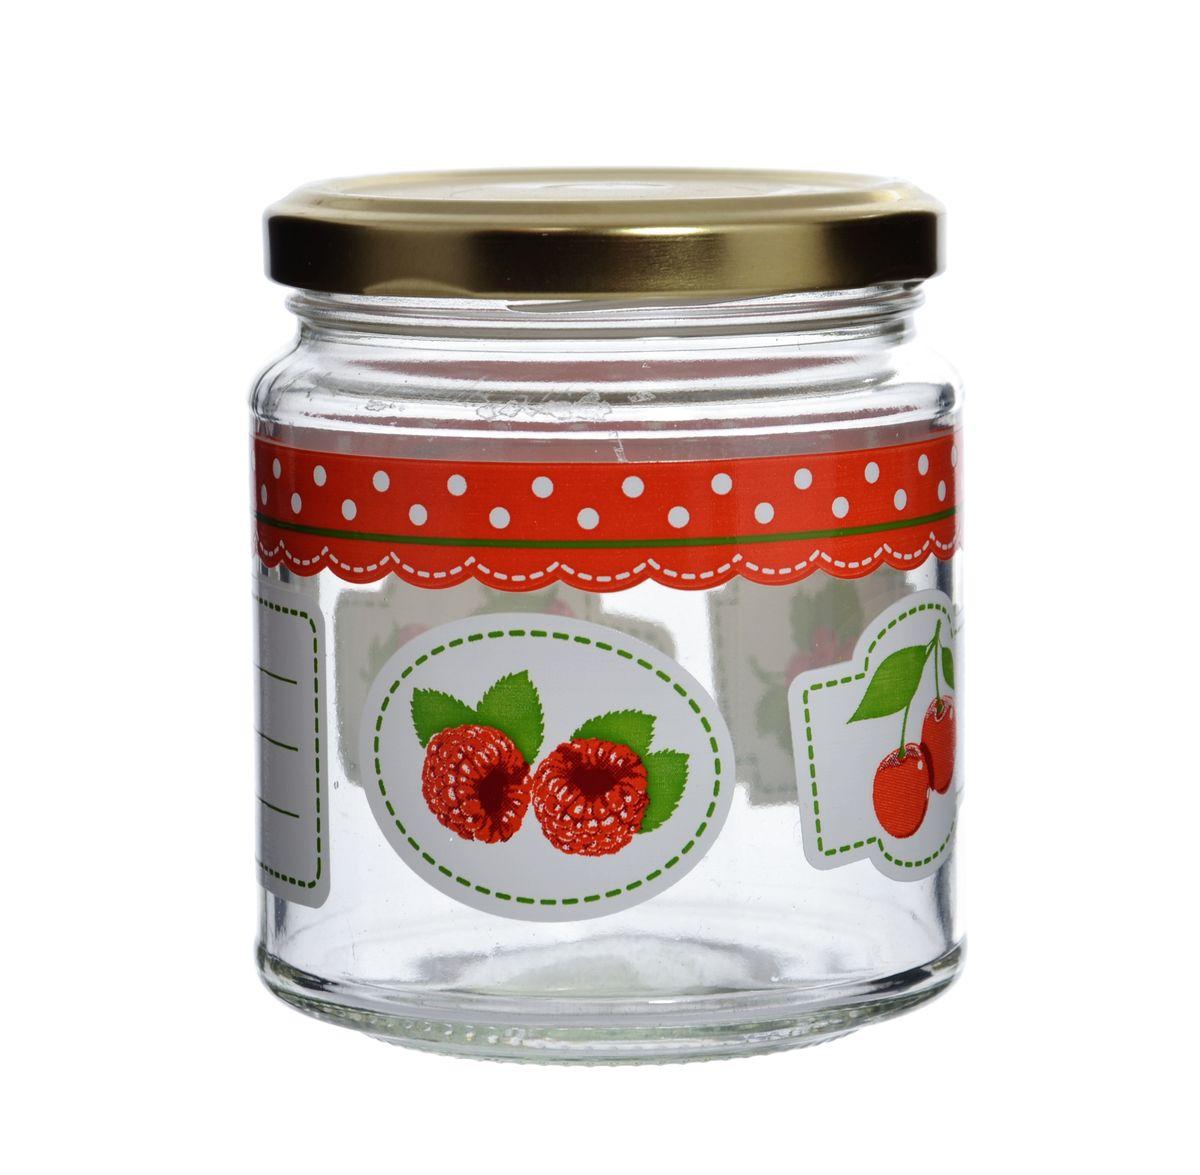 Банка Cerve Фруктовая фантазия, с крышкой, 300 млCEM48340Банка Cerve Фруктовая фантазия выполнена из стекла и декорирована изображением ягод. Имеется поле длязаписей. Емкость снабжена металлической закручивающейся крышкой. Такая банка подойдет для хранениясыпучих продуктов, а также варенья или меда. Полезное приобретение на кухню для любой хозяйки. Можно мыть впосудомоечной машине.